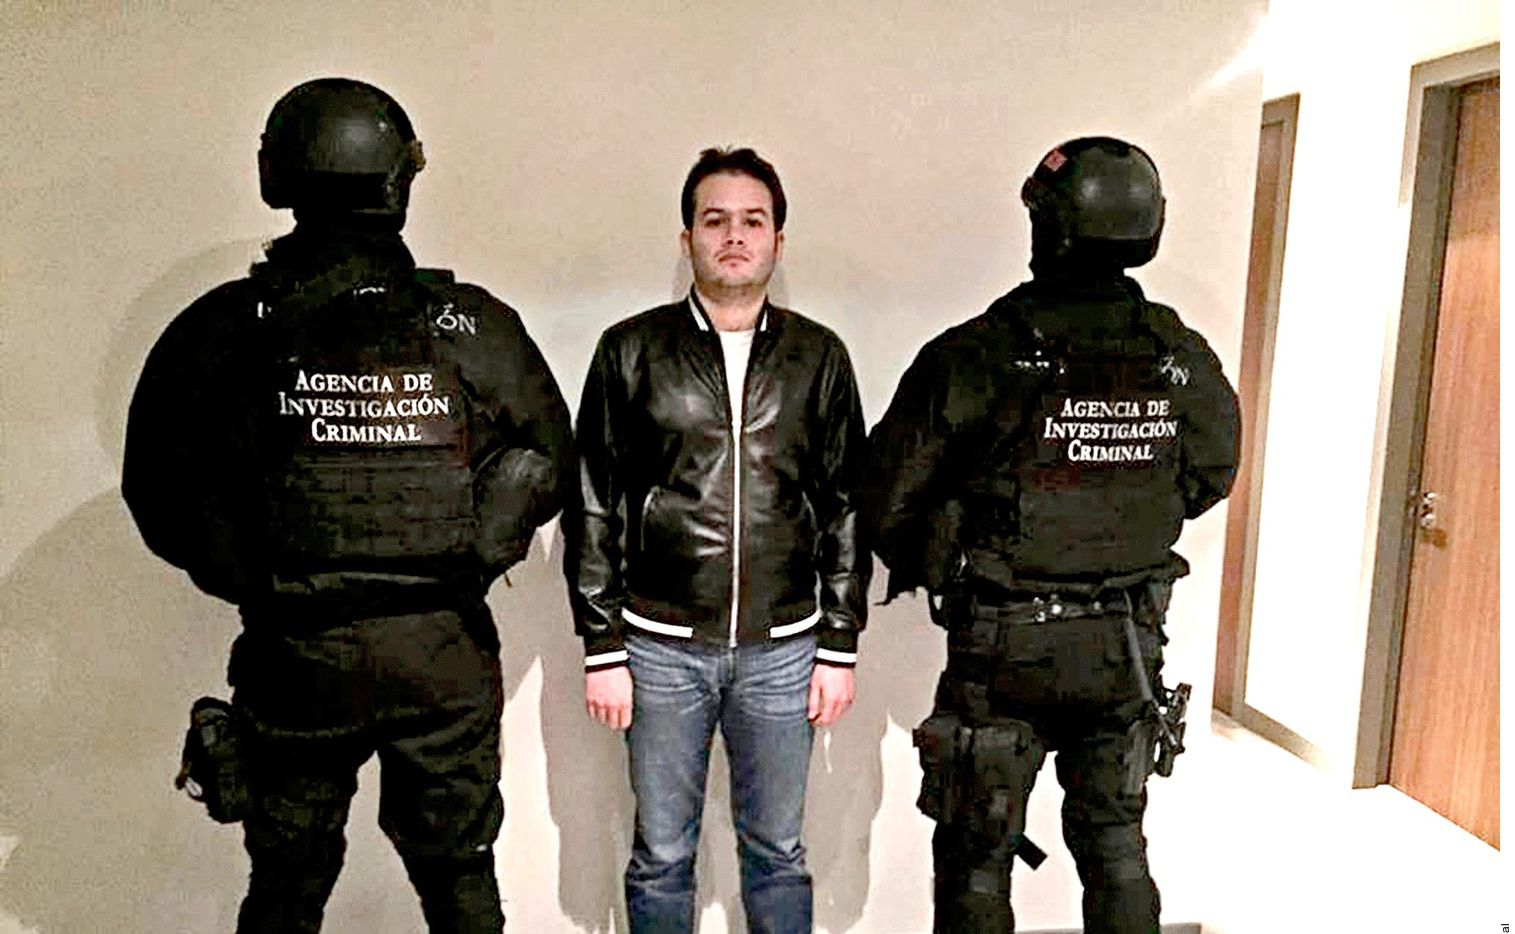 Documentos judiciales confirman que el 24 de enero pasado el Canciller Marcelo Ebrard suscribió la orden de extradición para Víctor Manuel Félix Beltrán; el 29 del mismo mes, el capo escapó del Reclusorio Sur de la Ciudad de México.